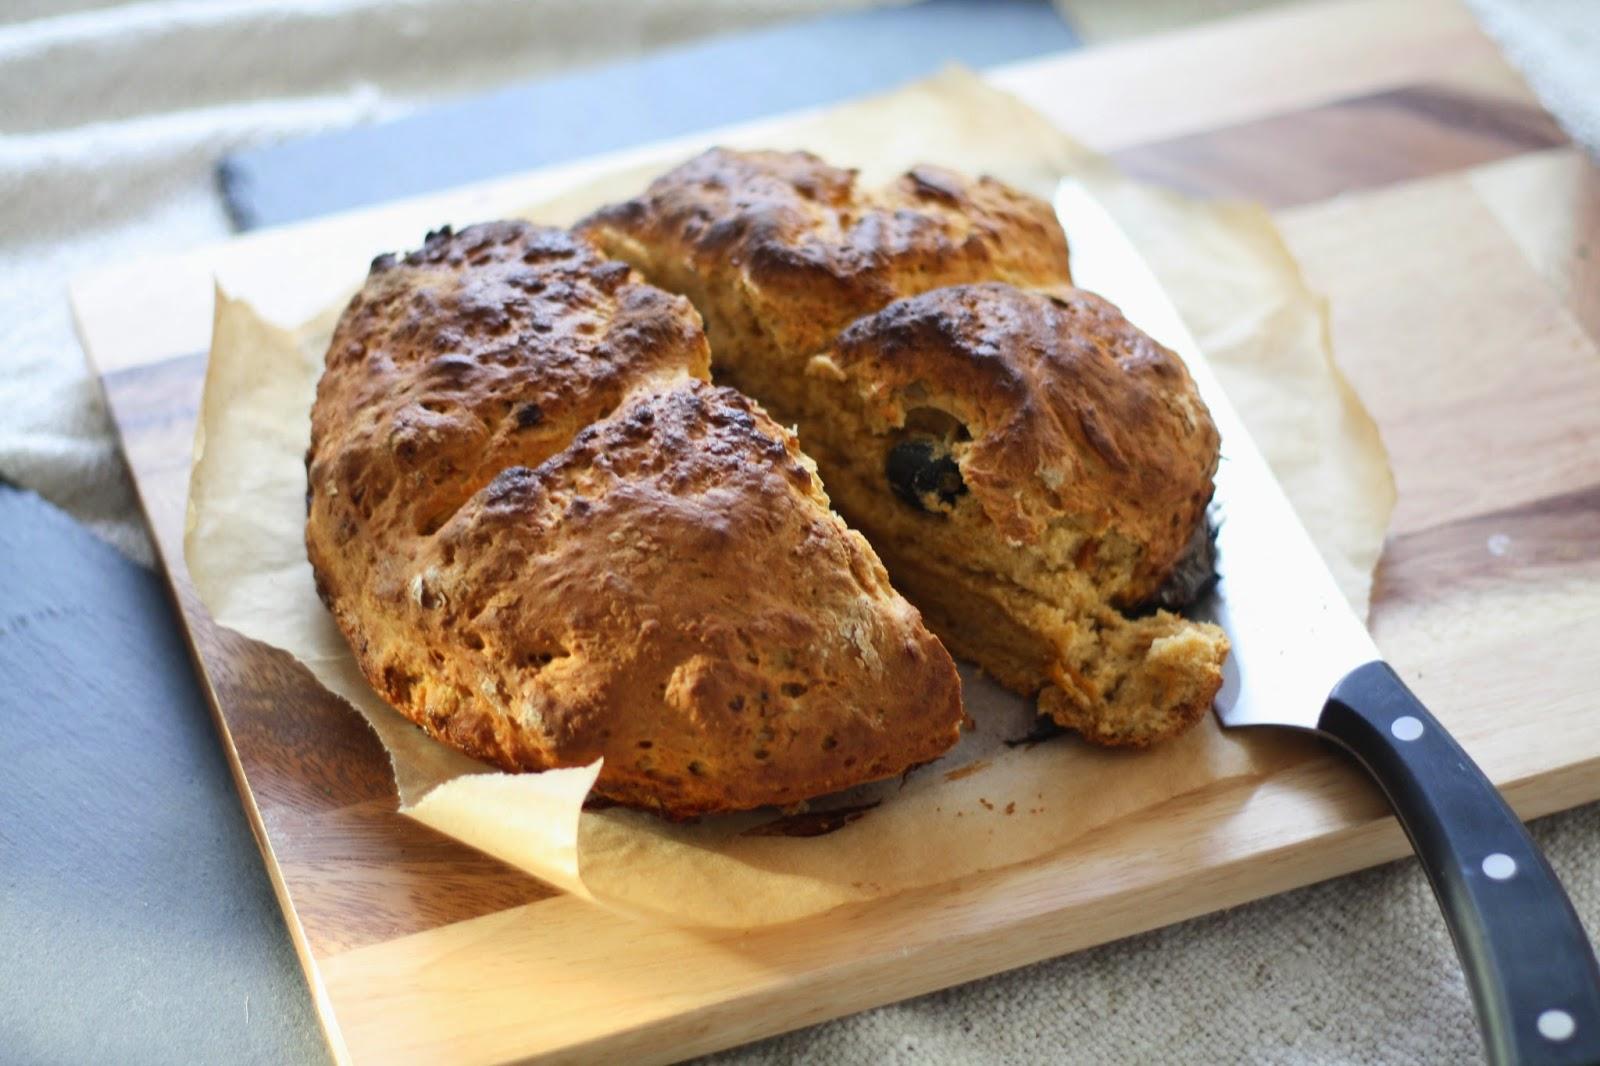 Pesto soda bread with olives